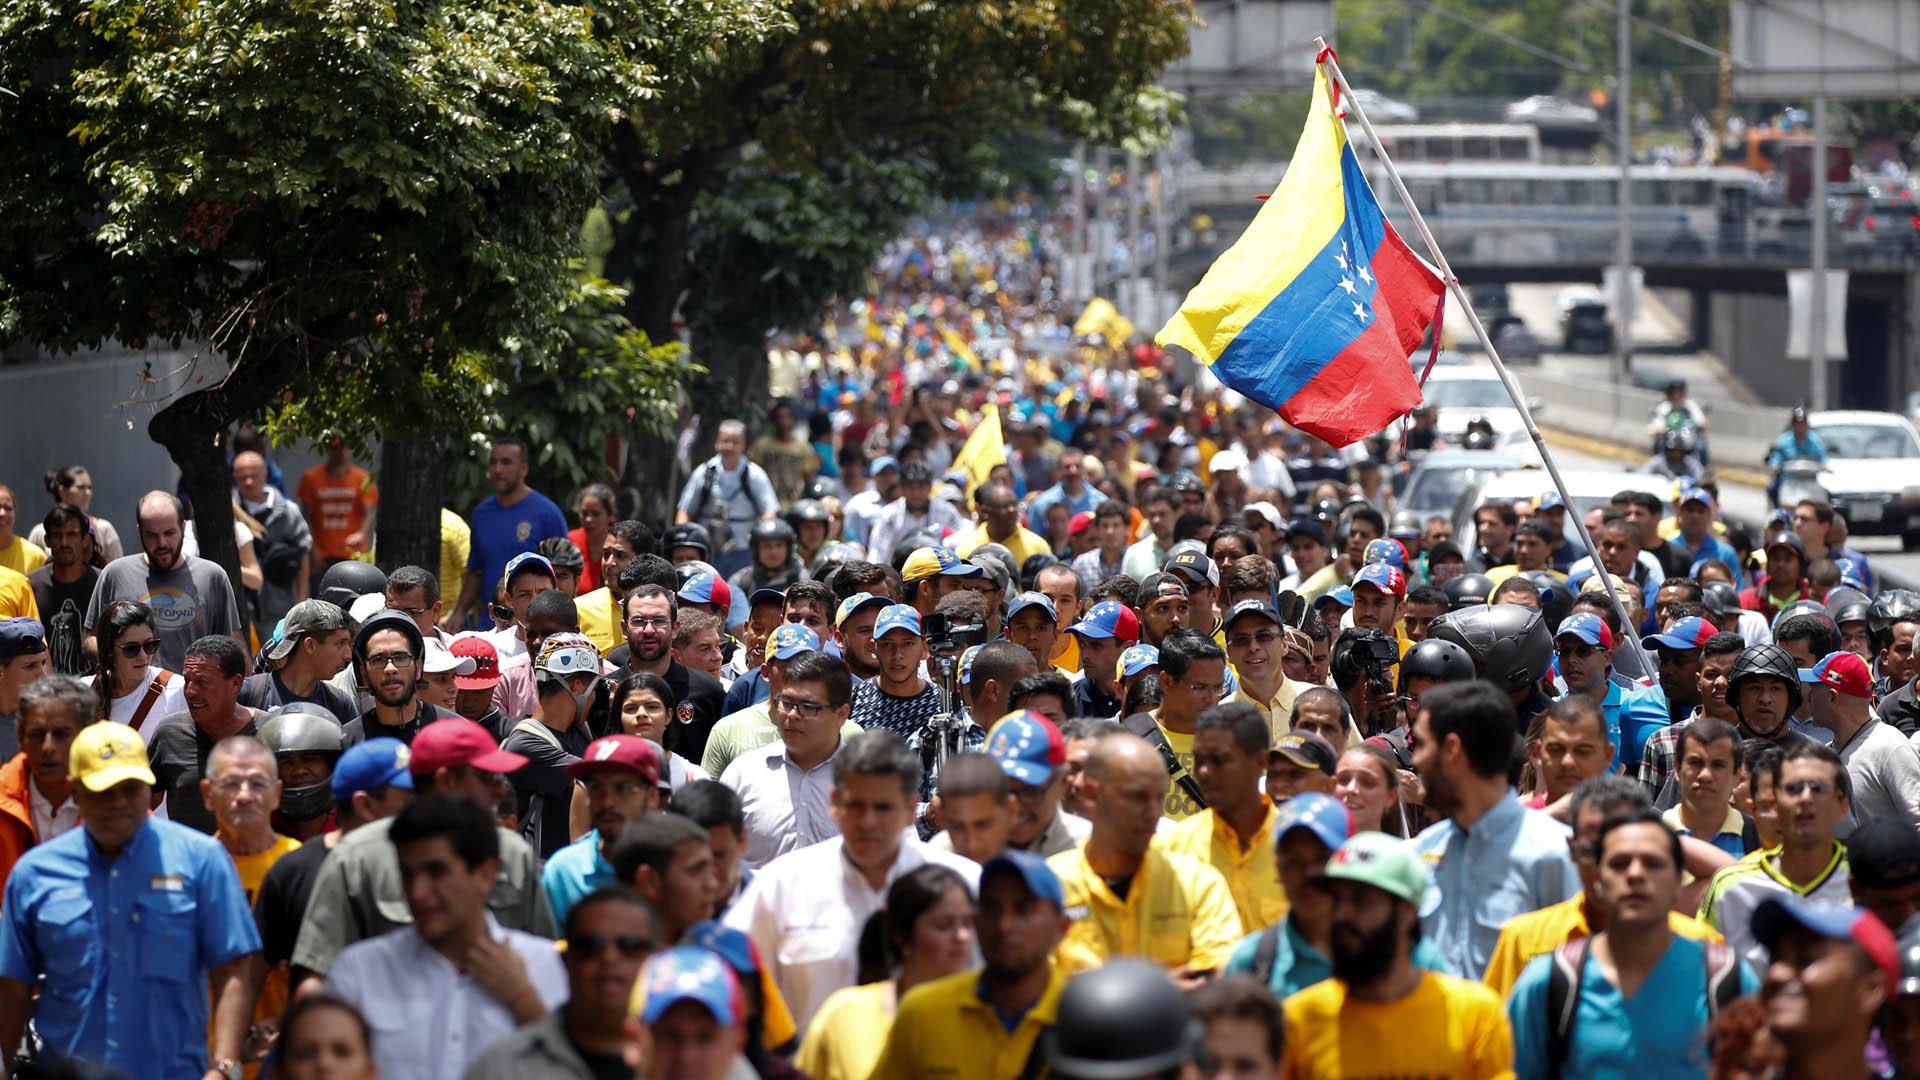 La medida, que estima movilizar al interior del país hasta la capital, se tomará en caso de que el CNE no se pronuncie antes de esa fecha